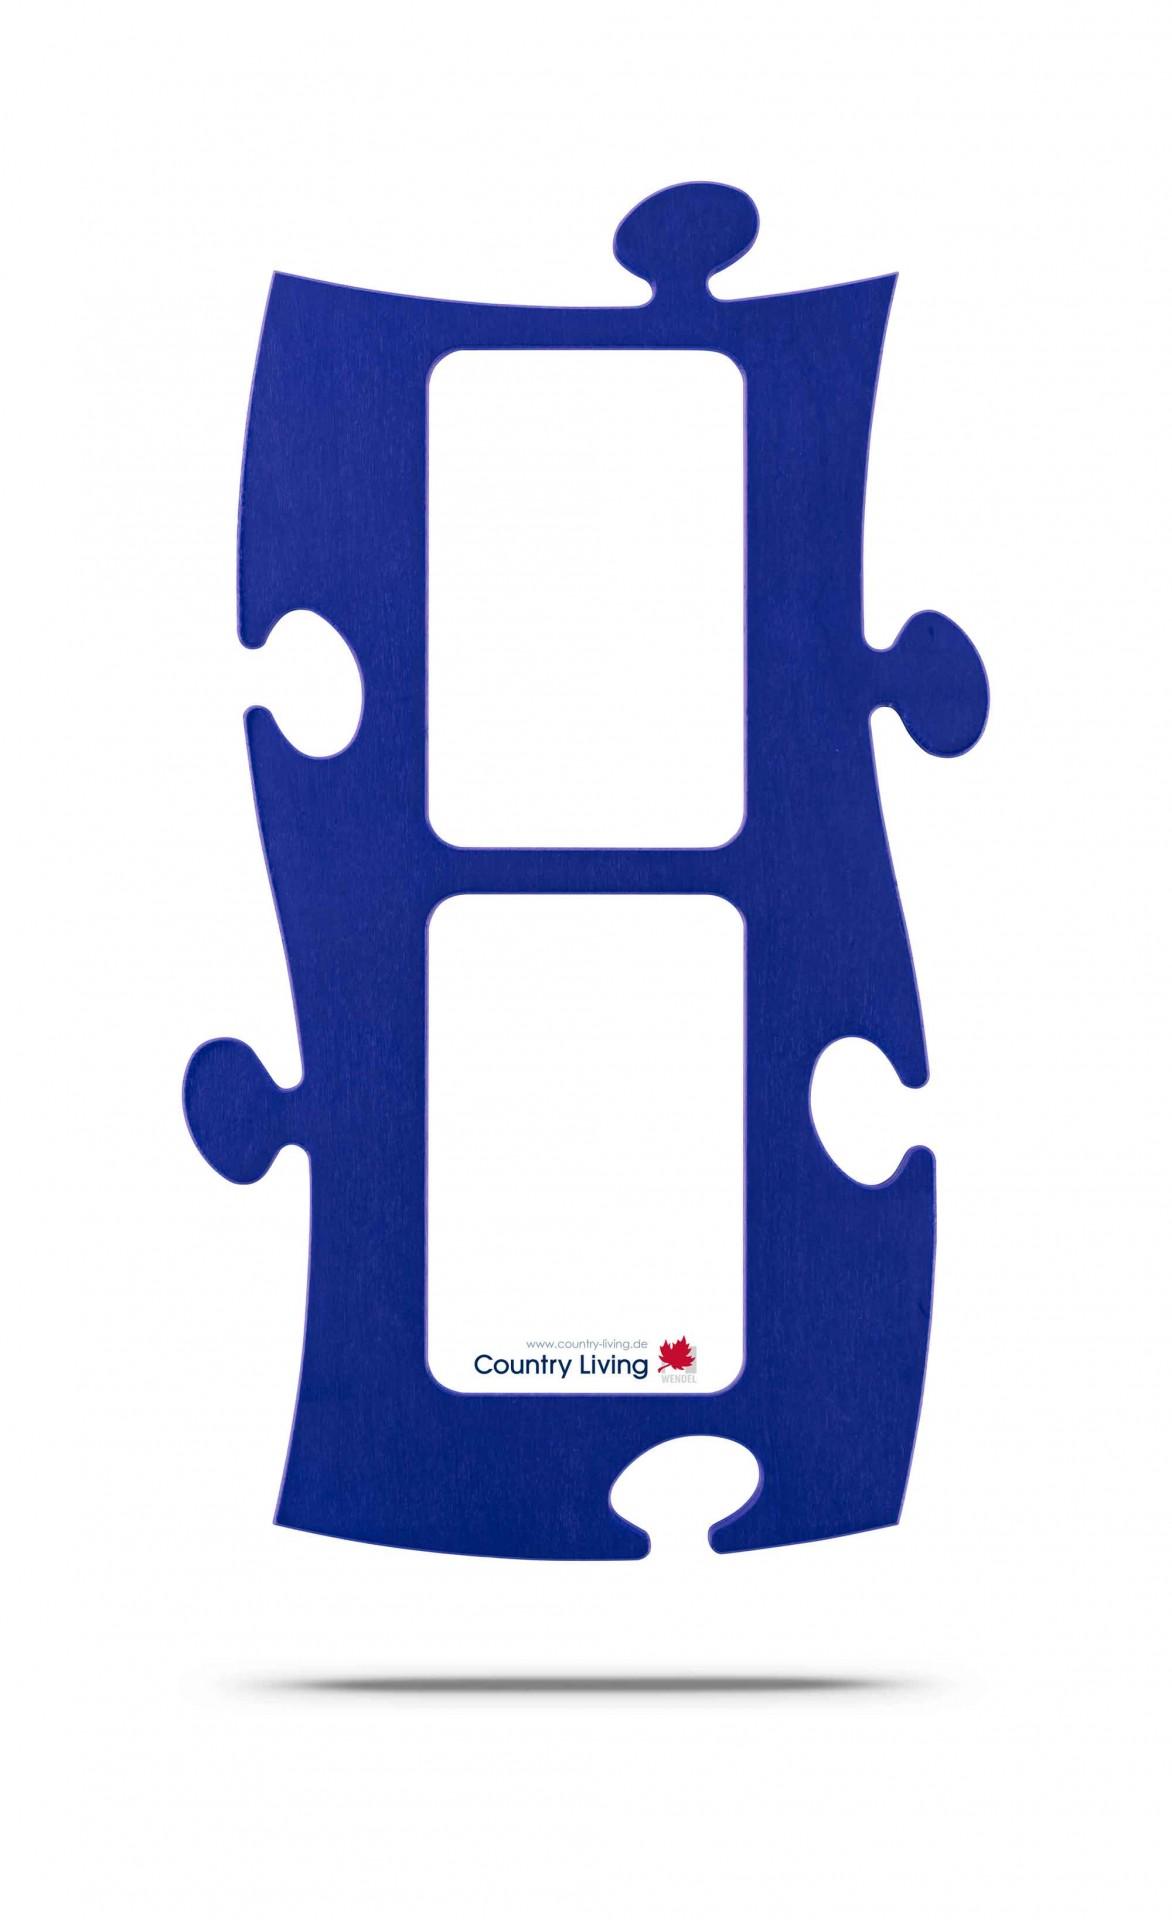 Country Living Moldura Puzzle+ (2x) 10x15cm azul